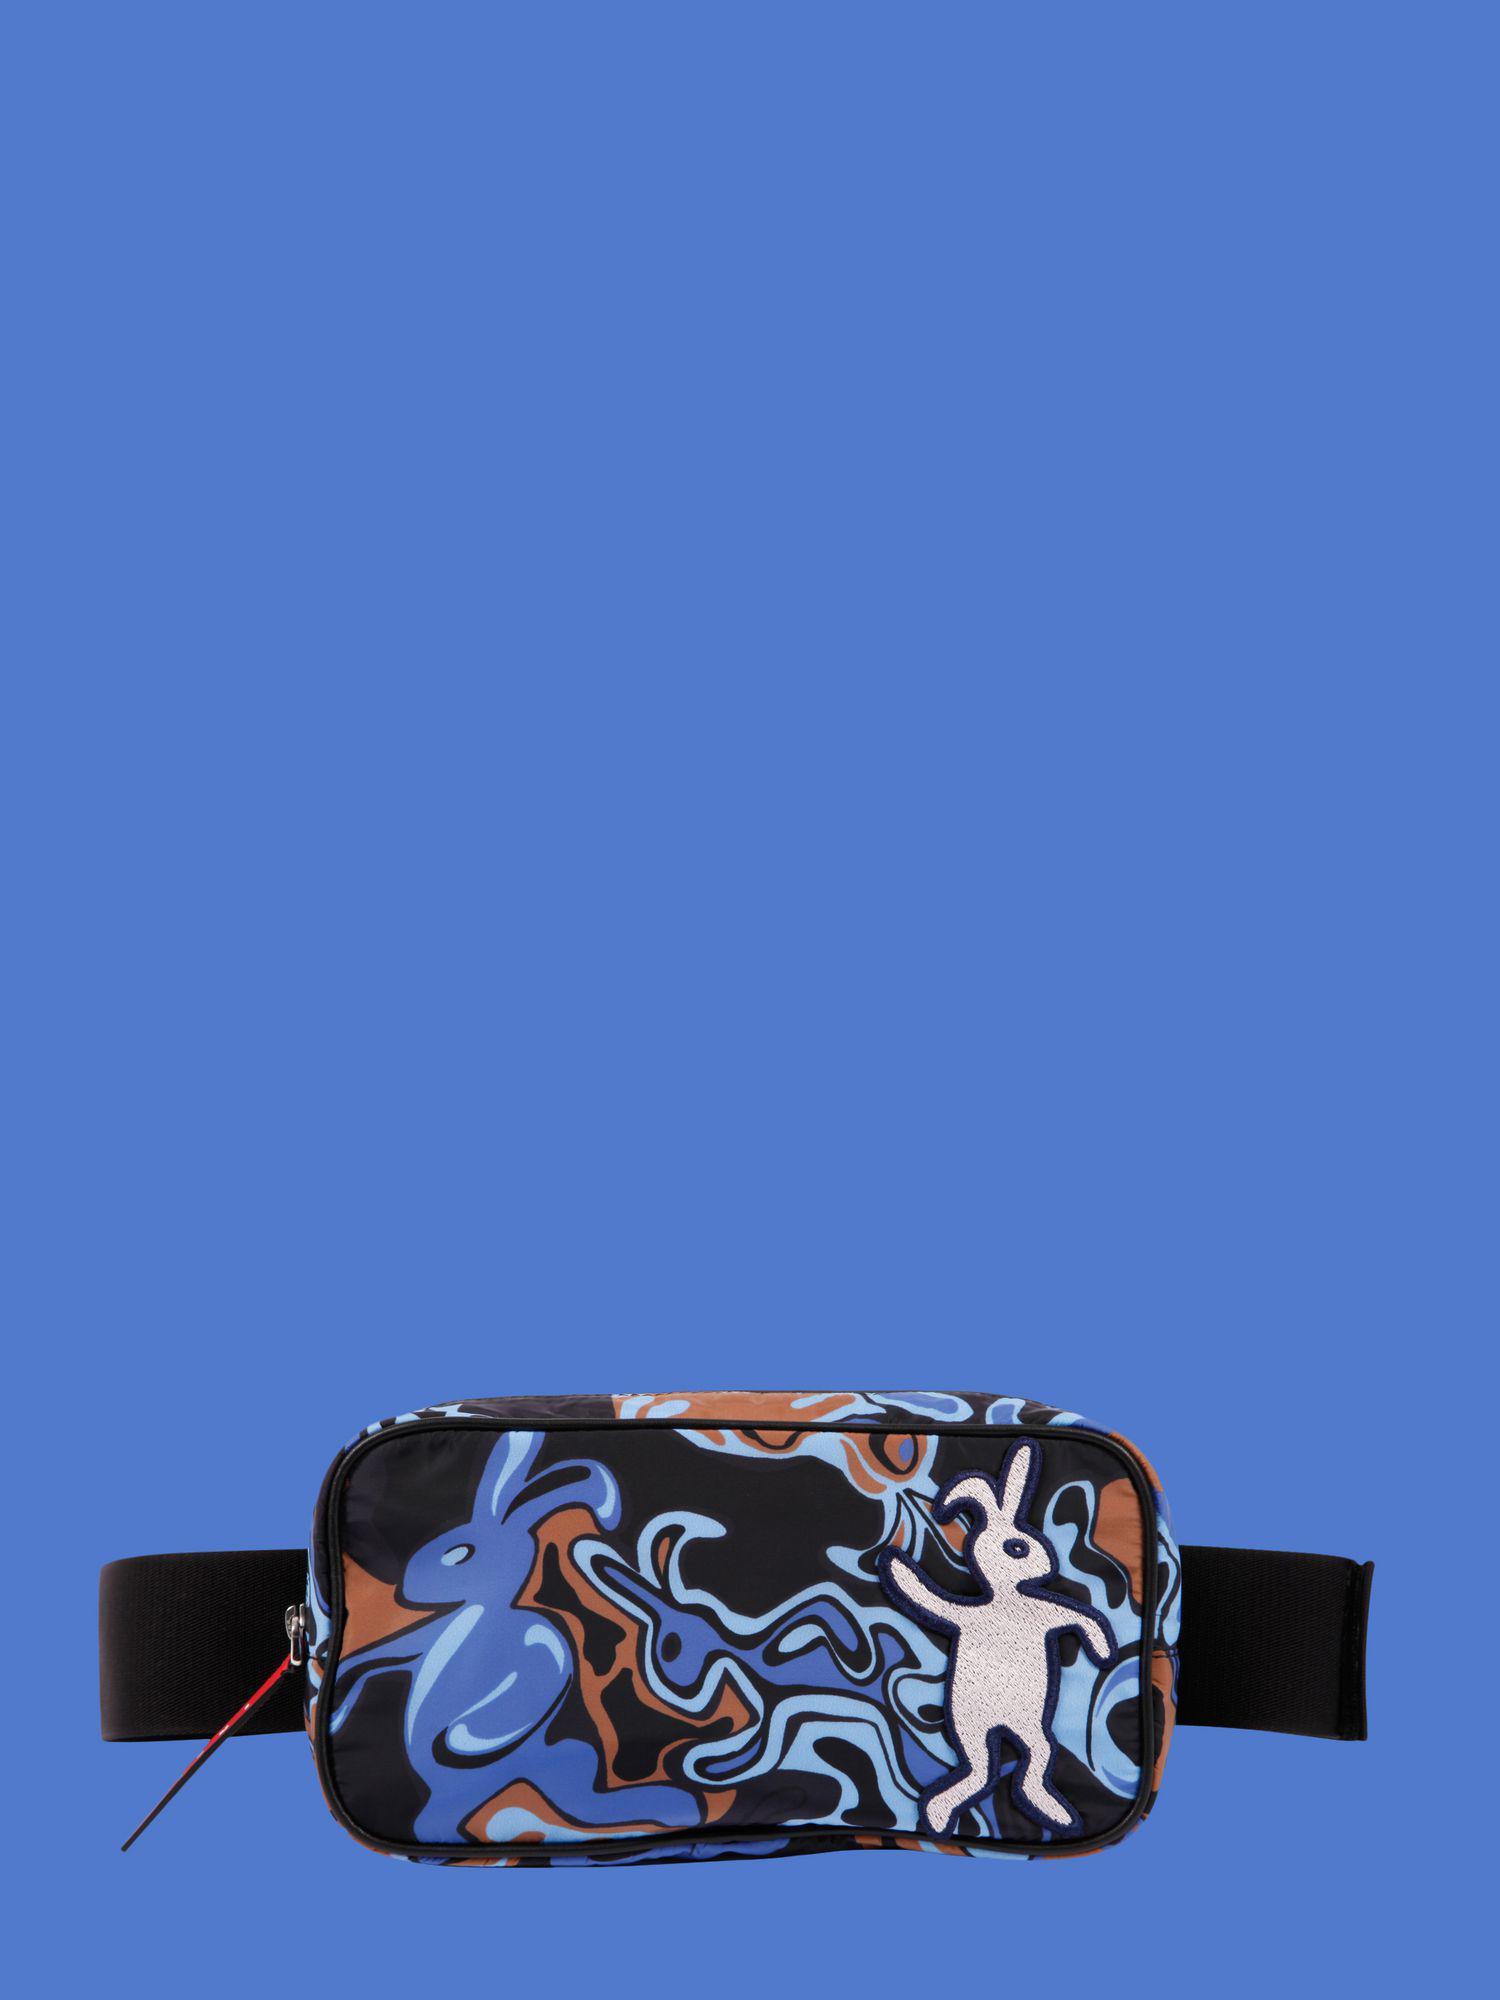 Bunny Print With Dance Nylon Blue In Bag Light Men Marni Belt For v76Yfgby